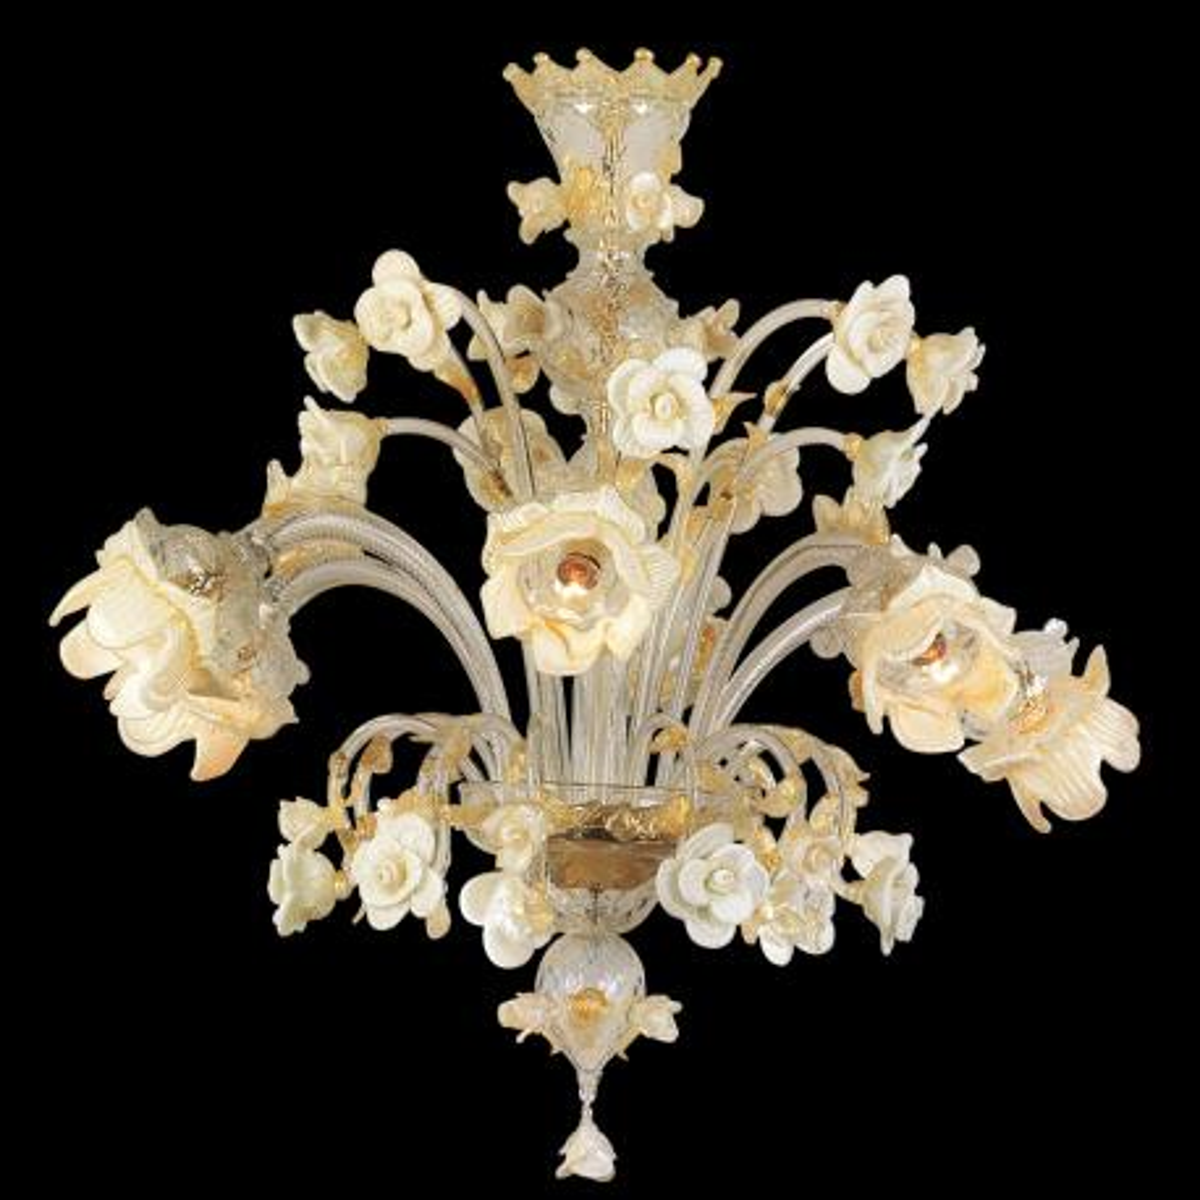 """""""Tallulah"""" lustre en cristal de Murano - 6 lumières - transparent, blanc et or"""